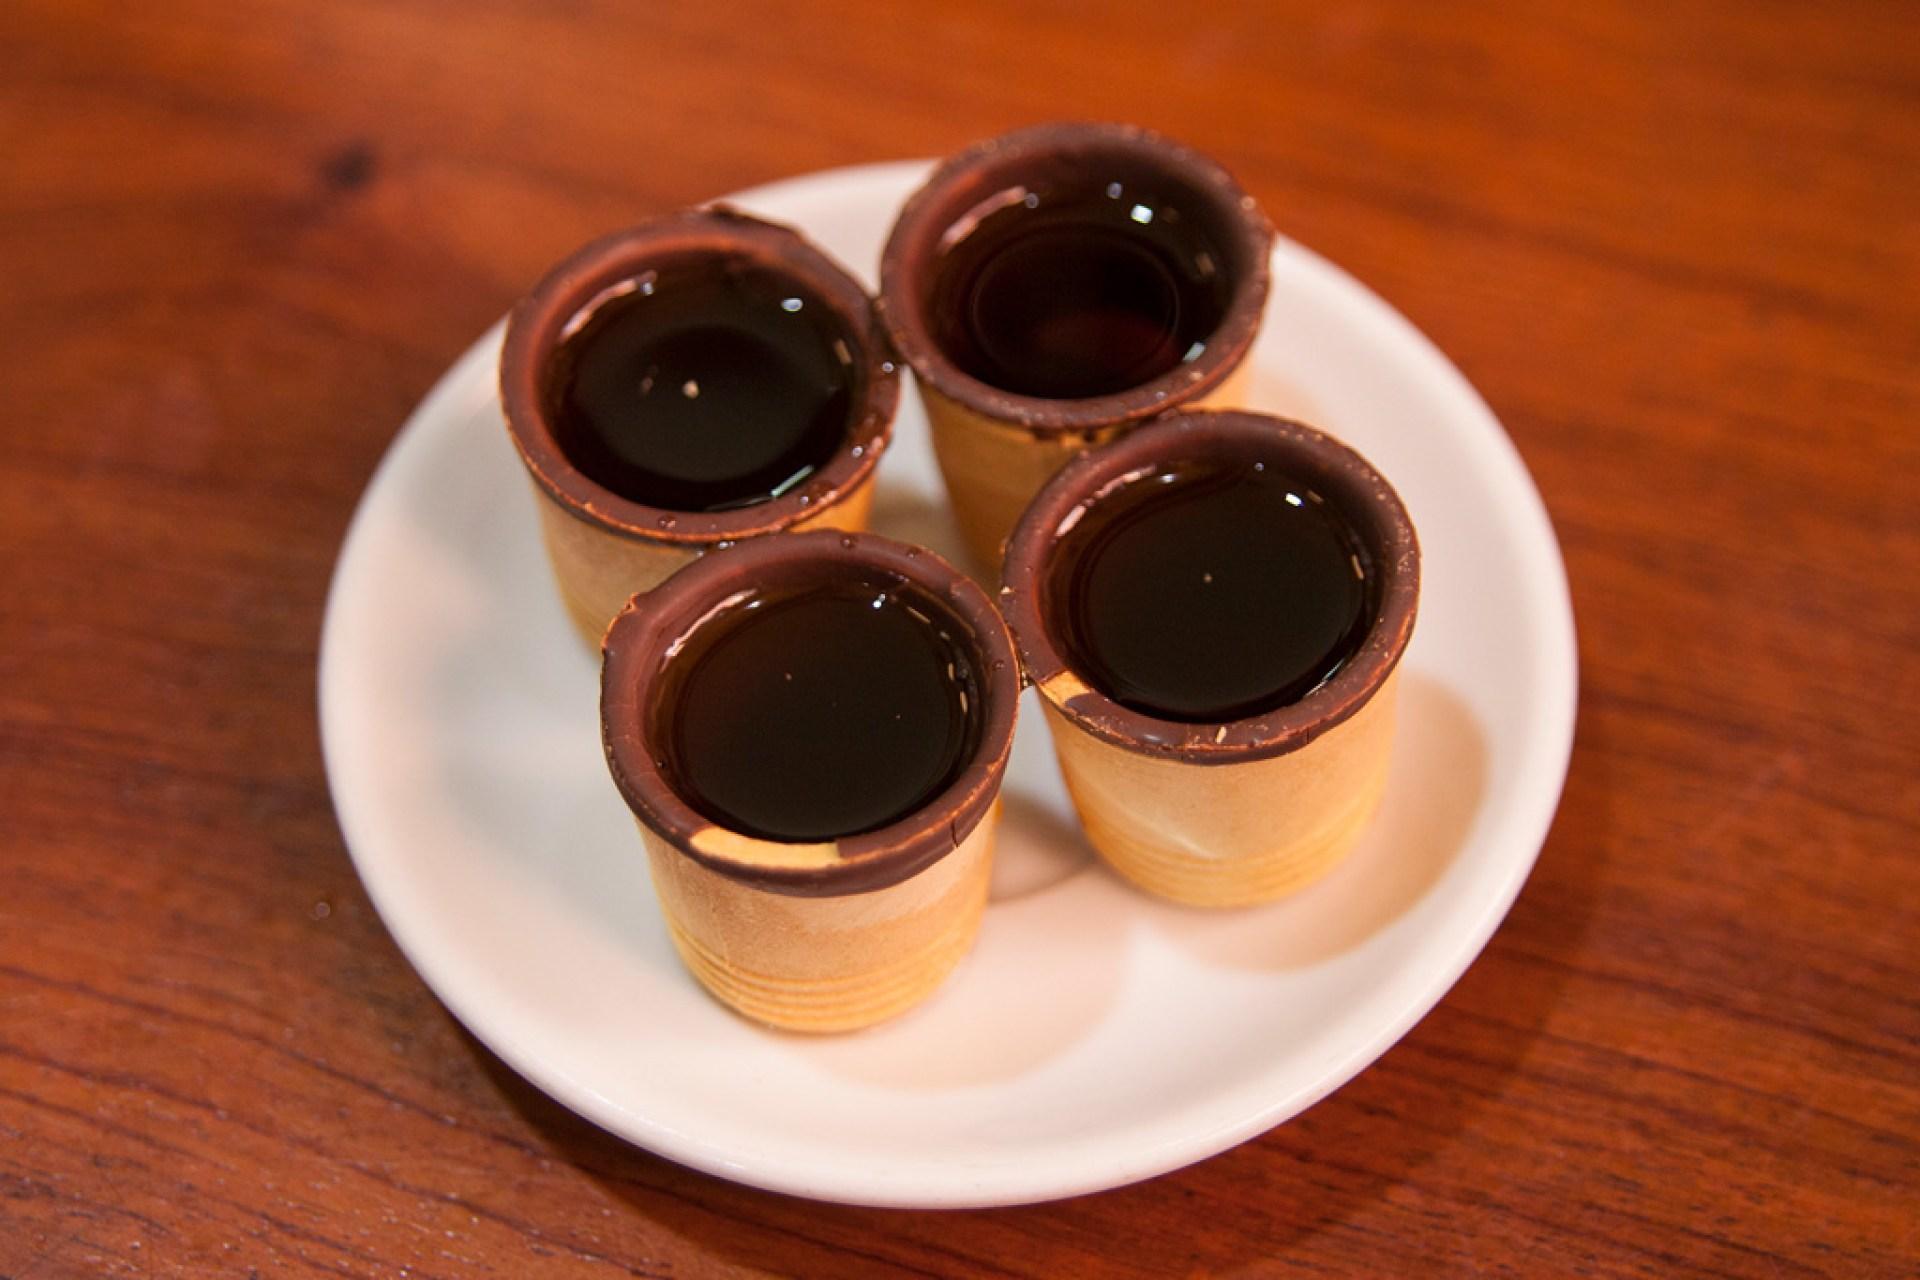 Kieliszki z wafelka oblanego czekoladą. Pełne likieru el madroño :)